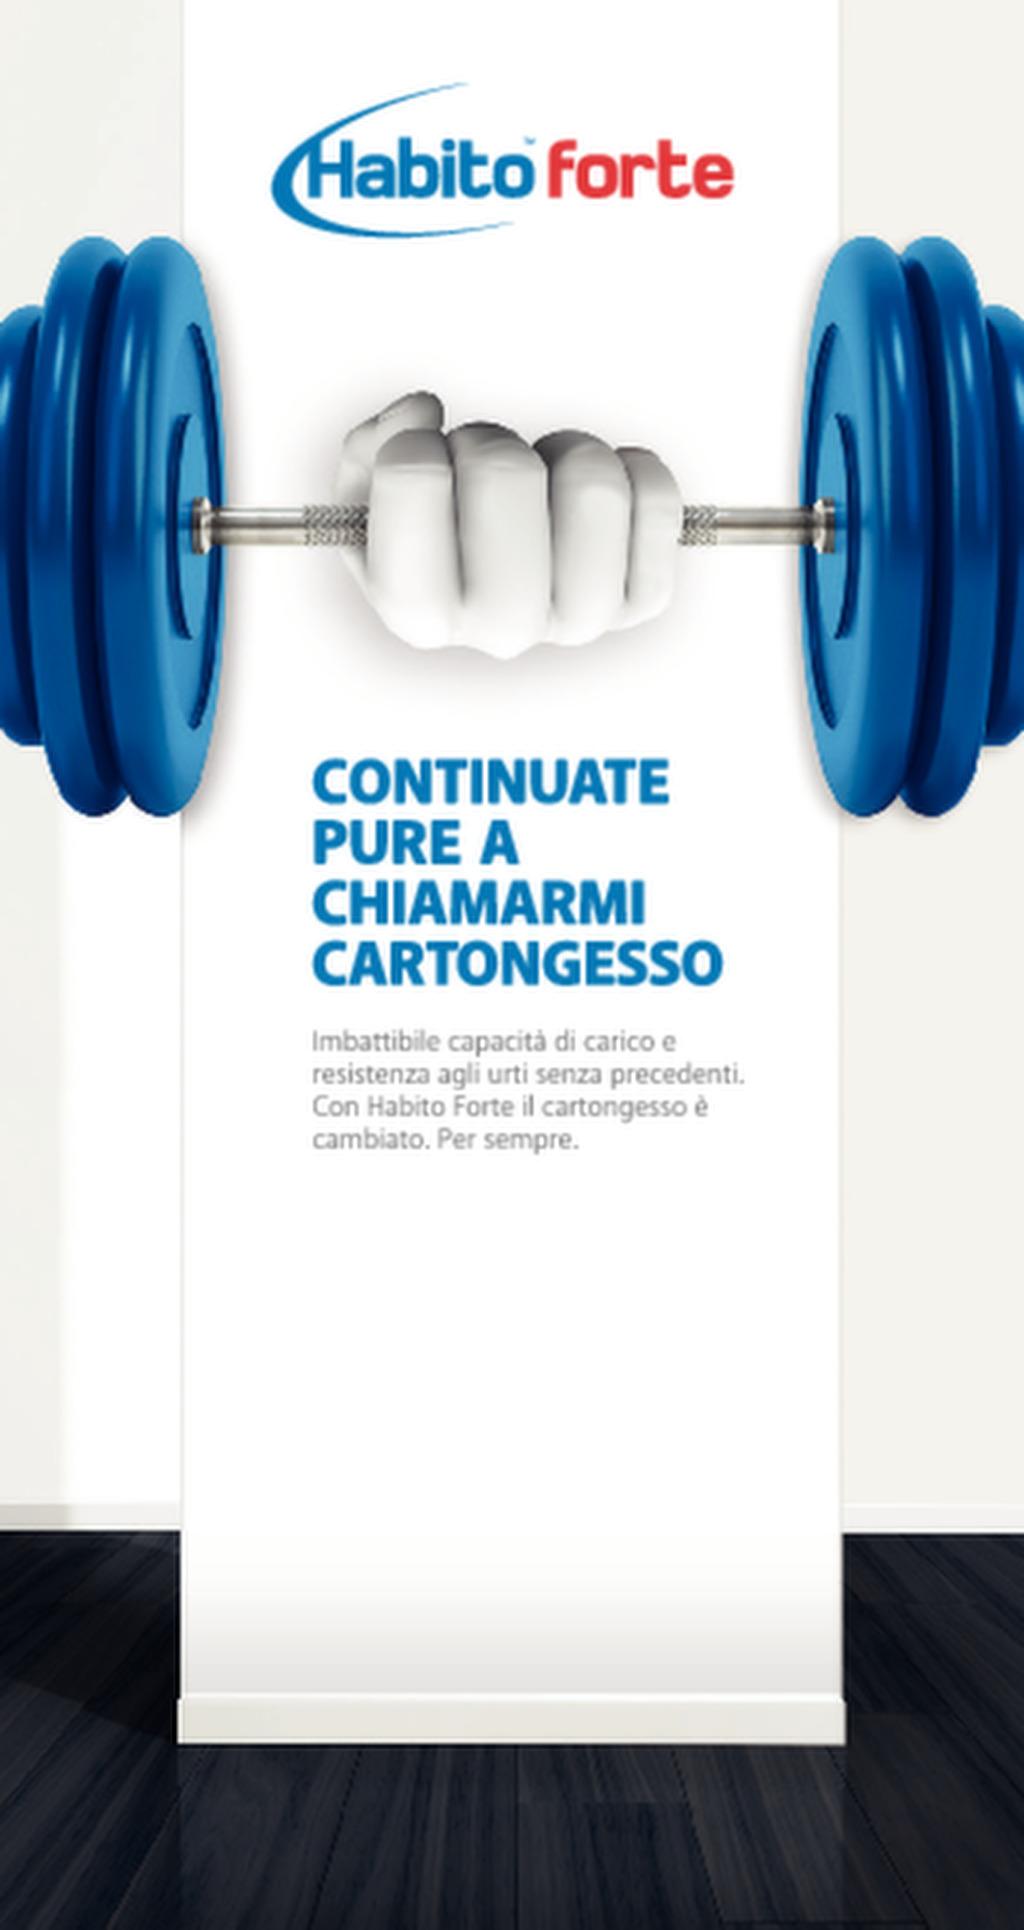 Habito Forte Leaflet